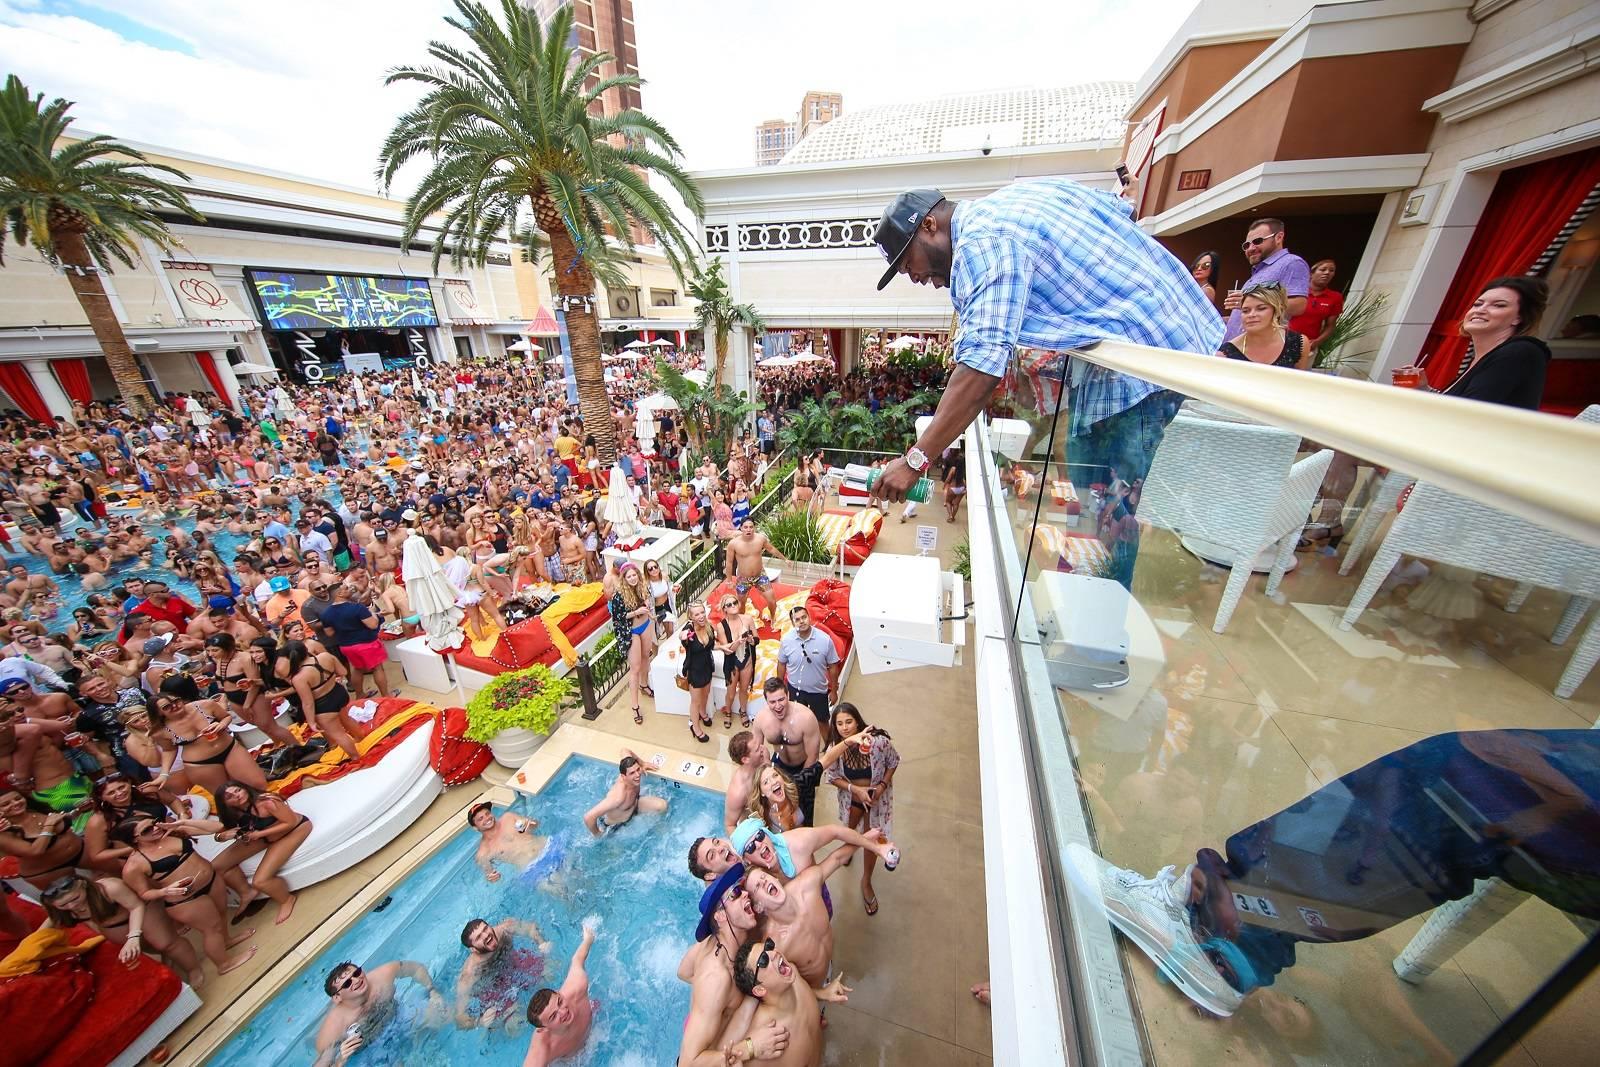 50 Cent Promotes Effen Vodka At Encore Beach Club